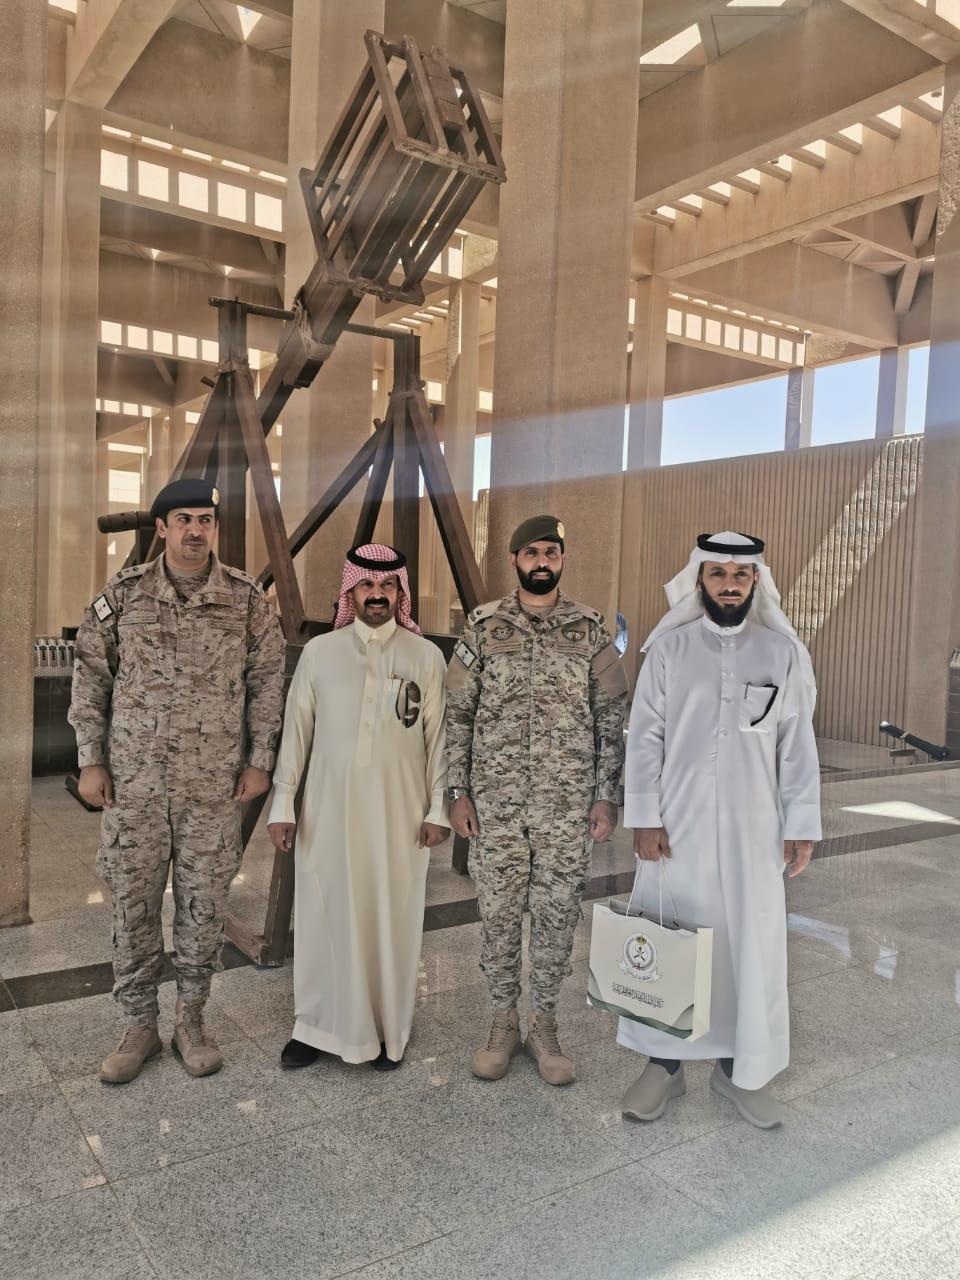 طلاب كلية التربية بالخرج يزورون كلية الملك عبدالعزيز الحربية بالرياض صحيفة جامعتي